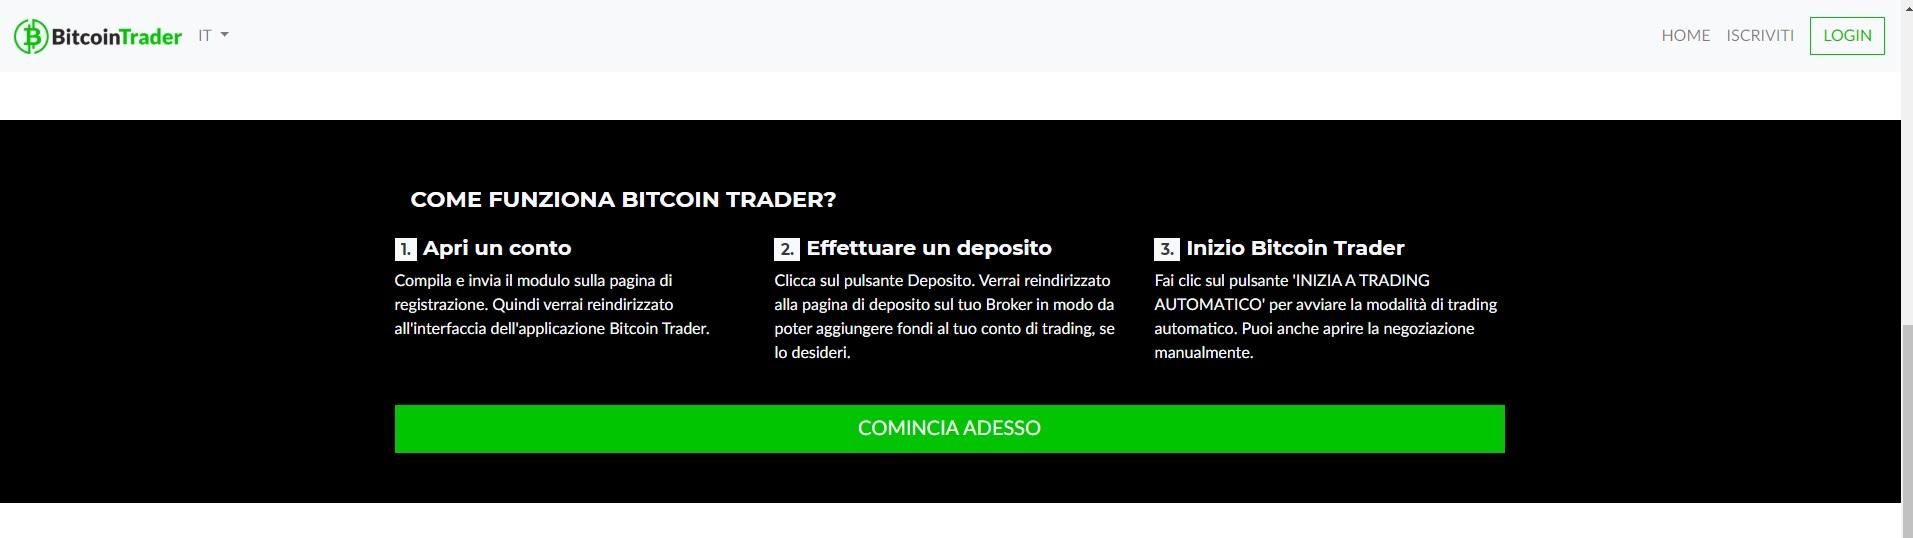 Recensione di Bitcoin Trader: truffa o no? I risultati Svelati - Immagine